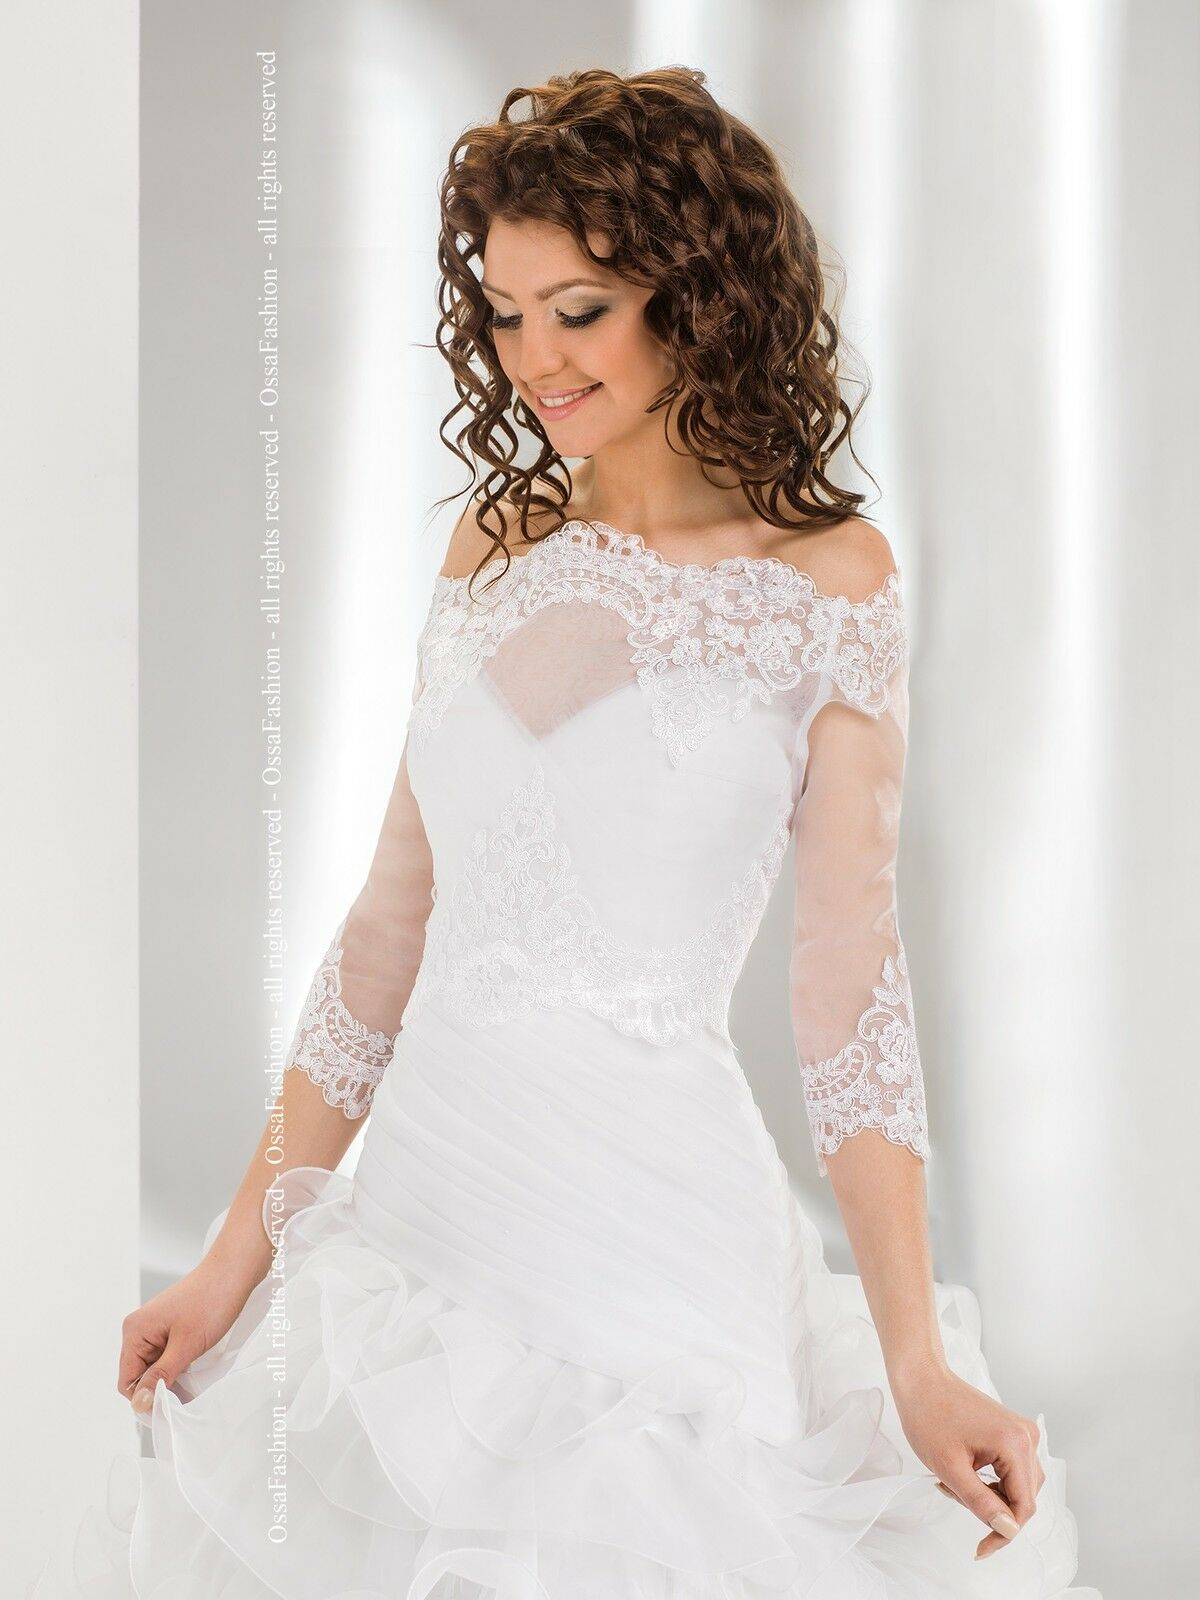 New Womens Bridal Ivory White Lace Over-top Bolero Shrug ...